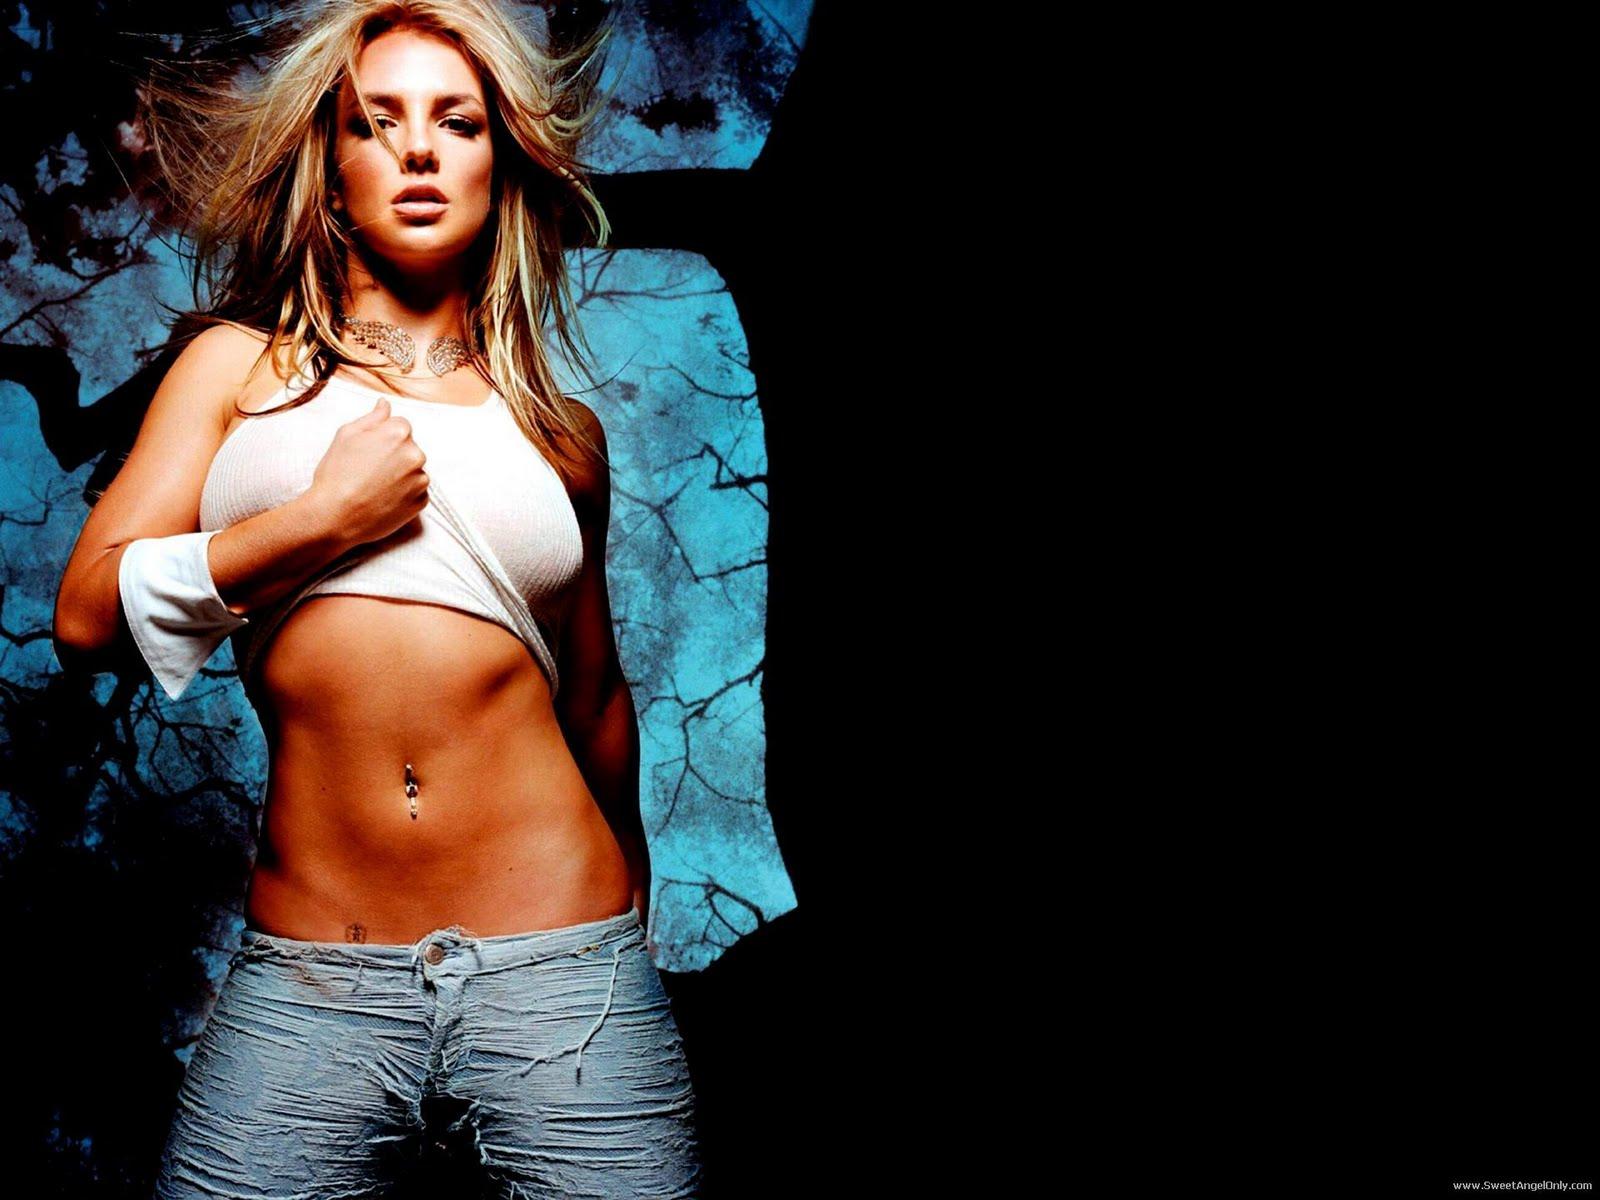 http://1.bp.blogspot.com/-xIqyvVzh4y4/TtjUzJ42EOI/AAAAAAAABvc/-pqVLUZgayw/s1600/britney_spears_pop_singer_hq_wallpaper-1440x1280-02.jpg